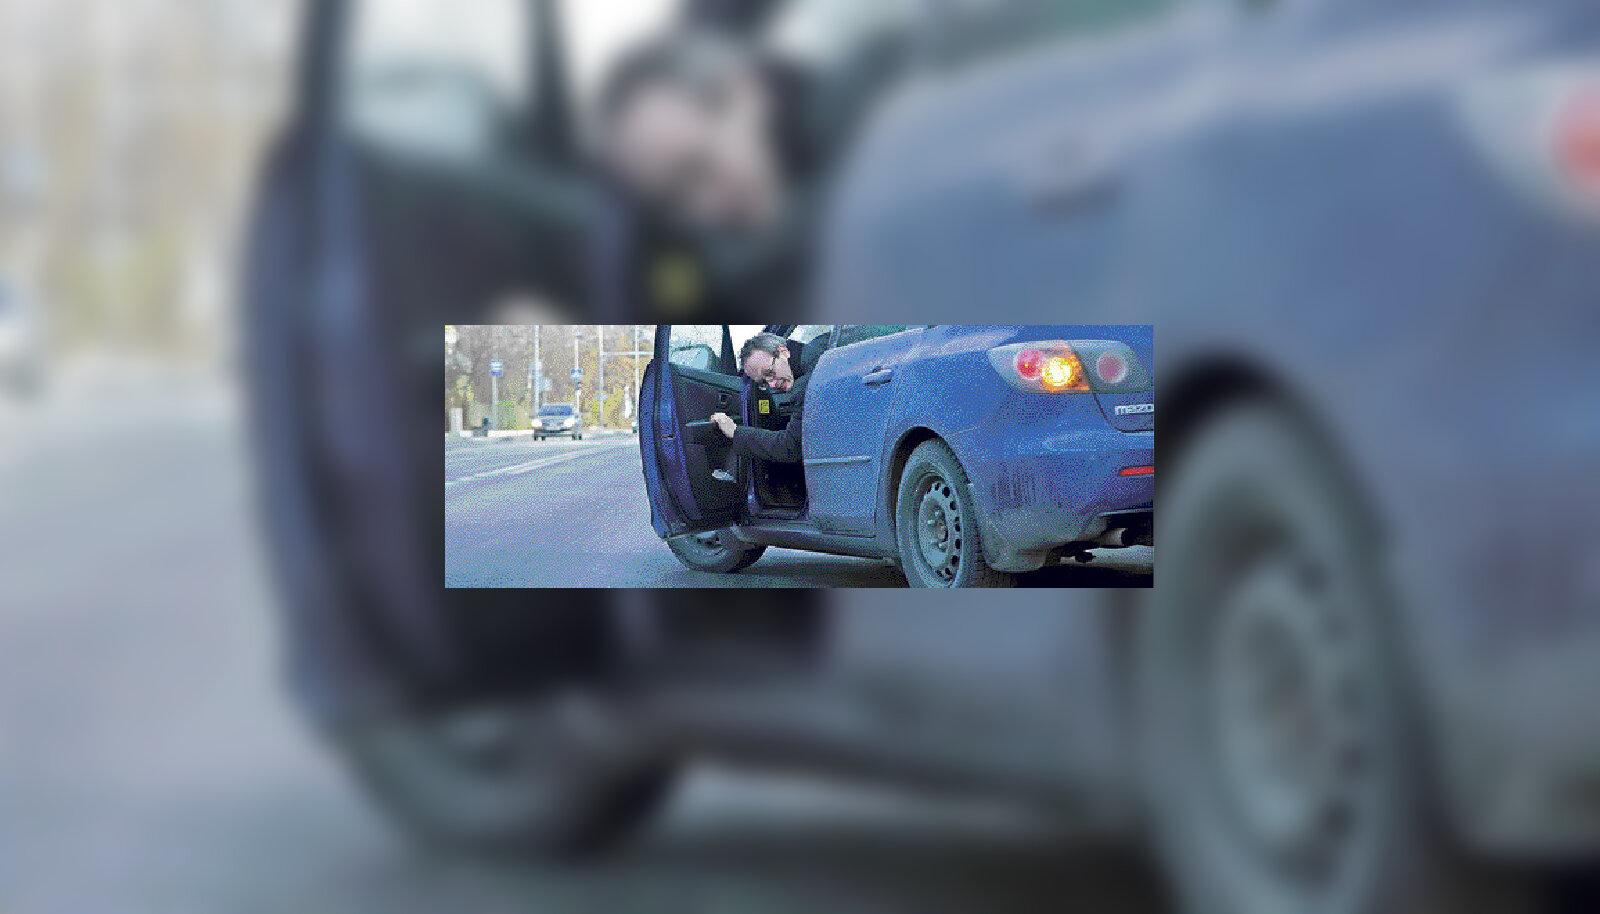 684bc343a0e Teeremont Tallinnas: ise süüdi, kui auto ohtliku teeservaga ära lõhud